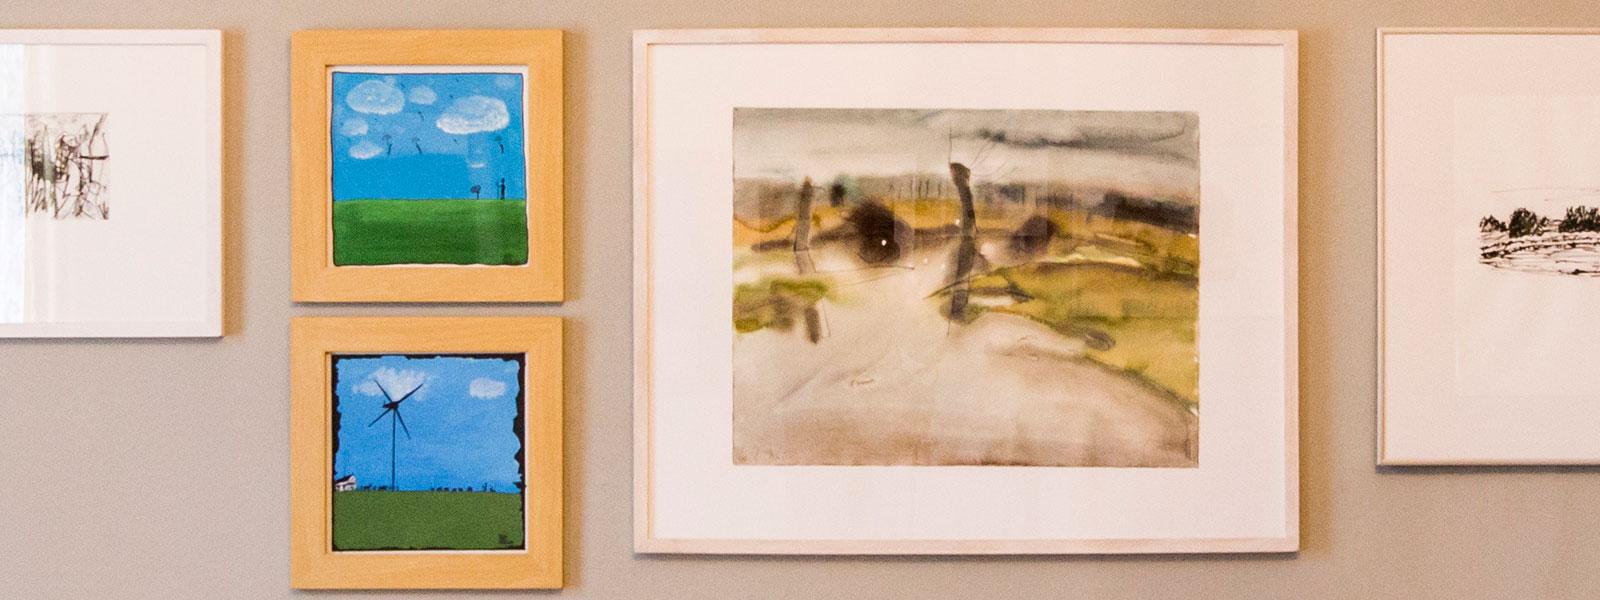 Bilder aus der Galerie